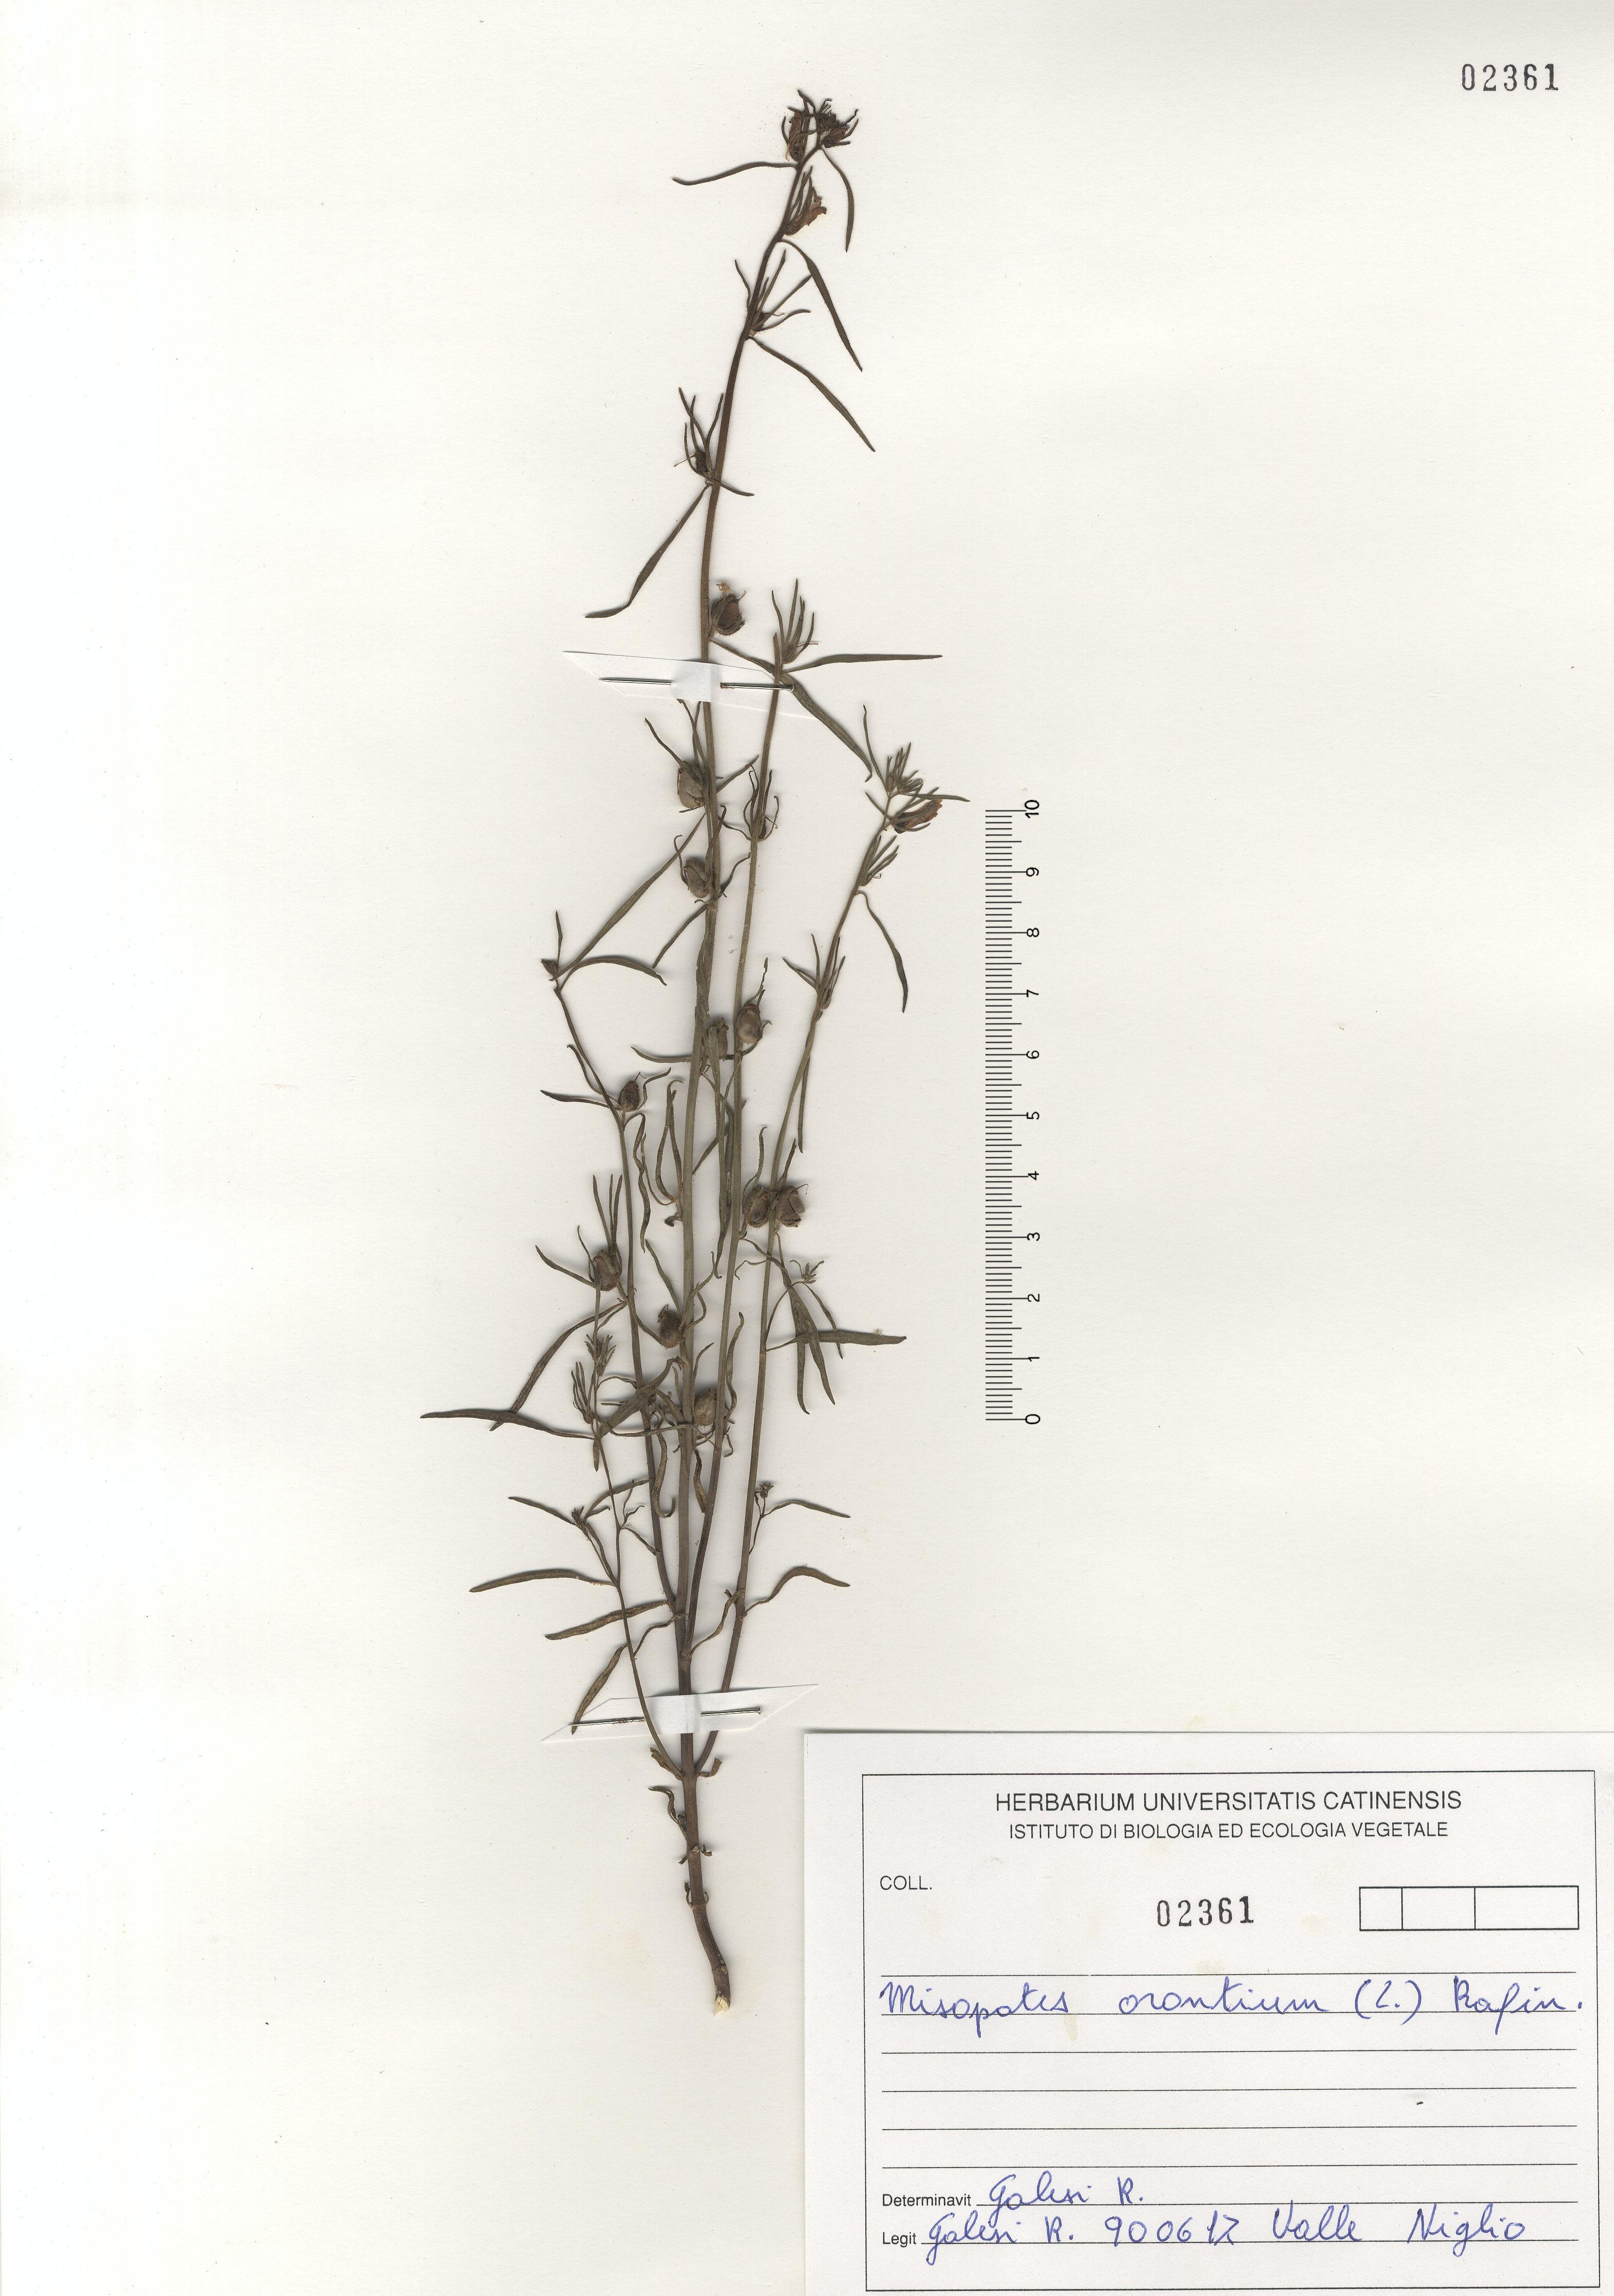 © Hortus  Botanicus Catinensis - Herb. sheet 102361<br>